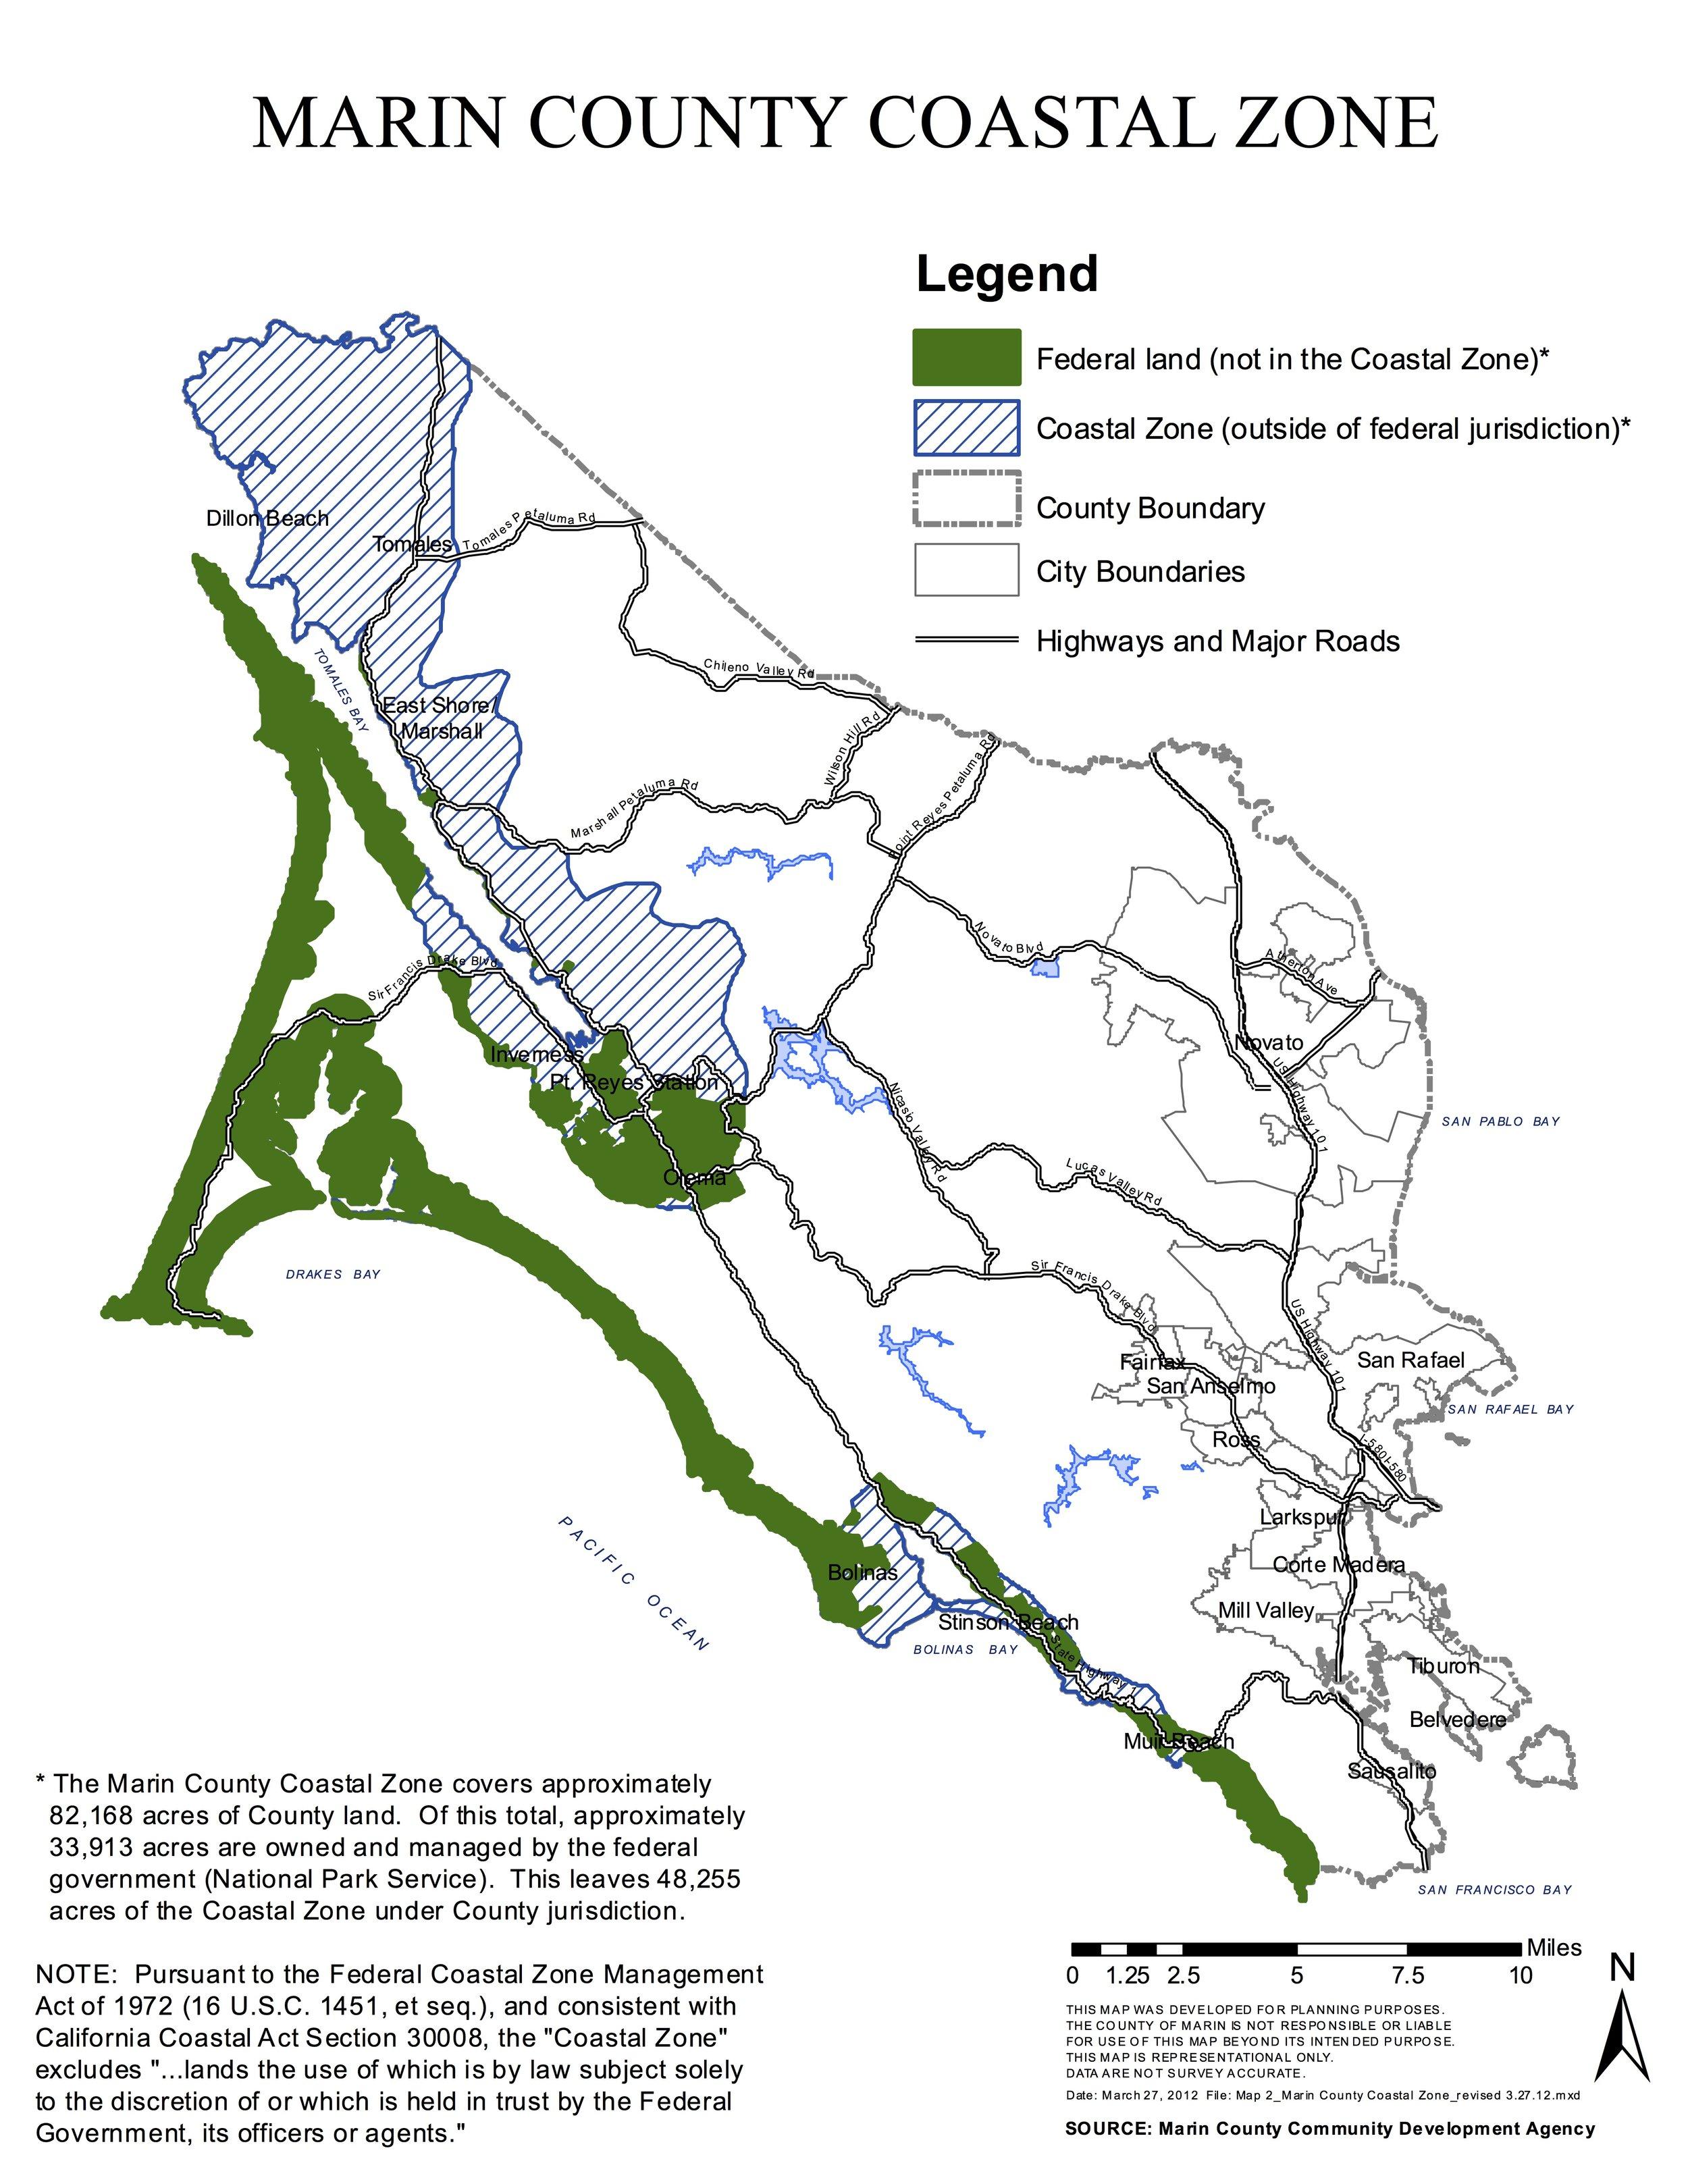 marin_county_coastal_zone_map11.jpg